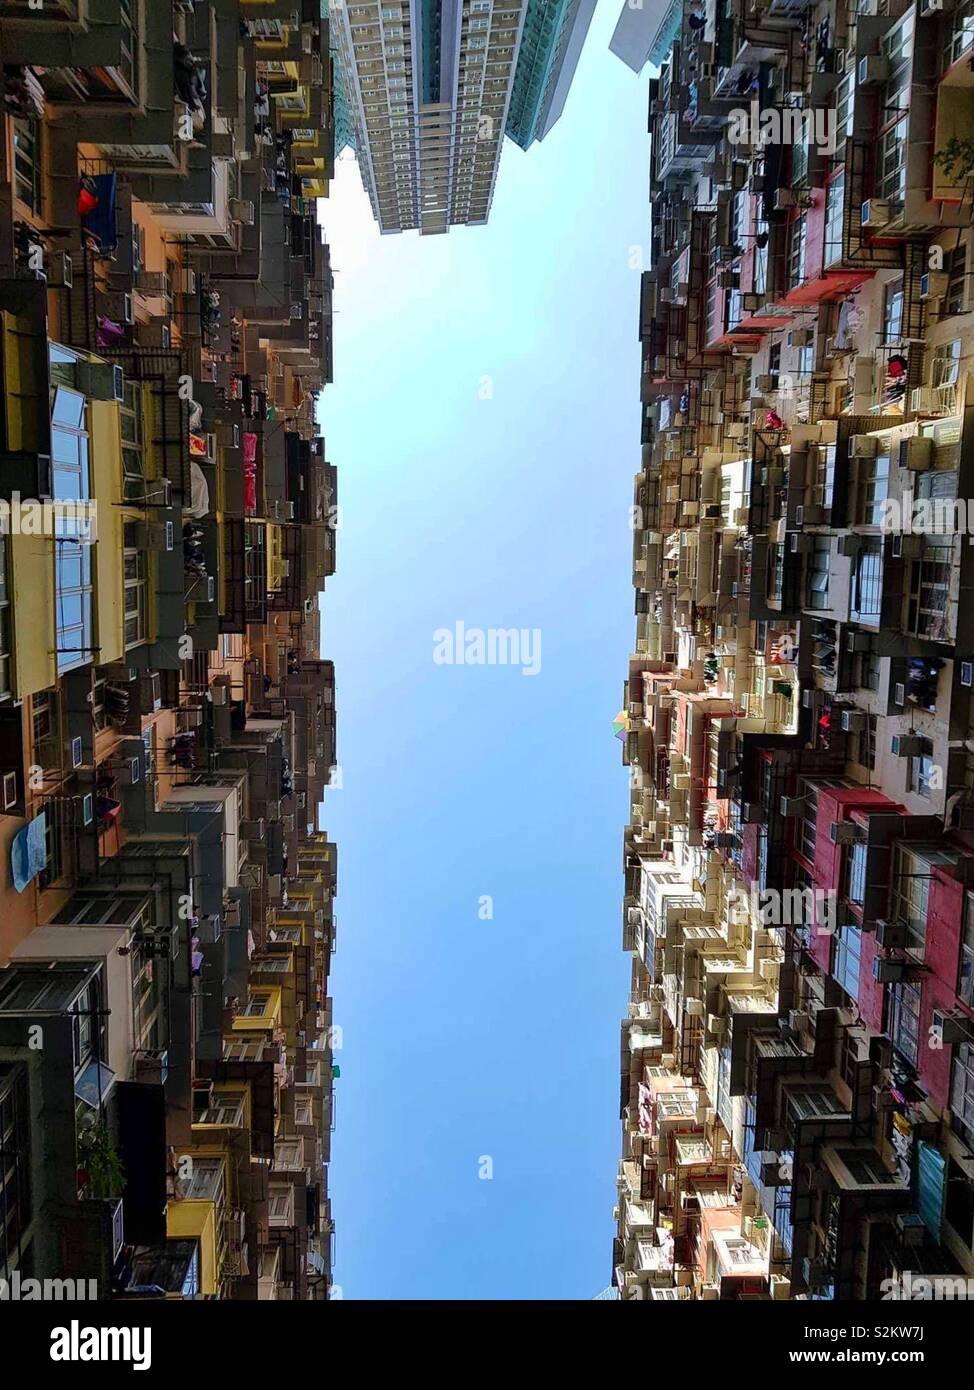 Hong Kong, Mansion torri, look up, edificio alto Foto Stock